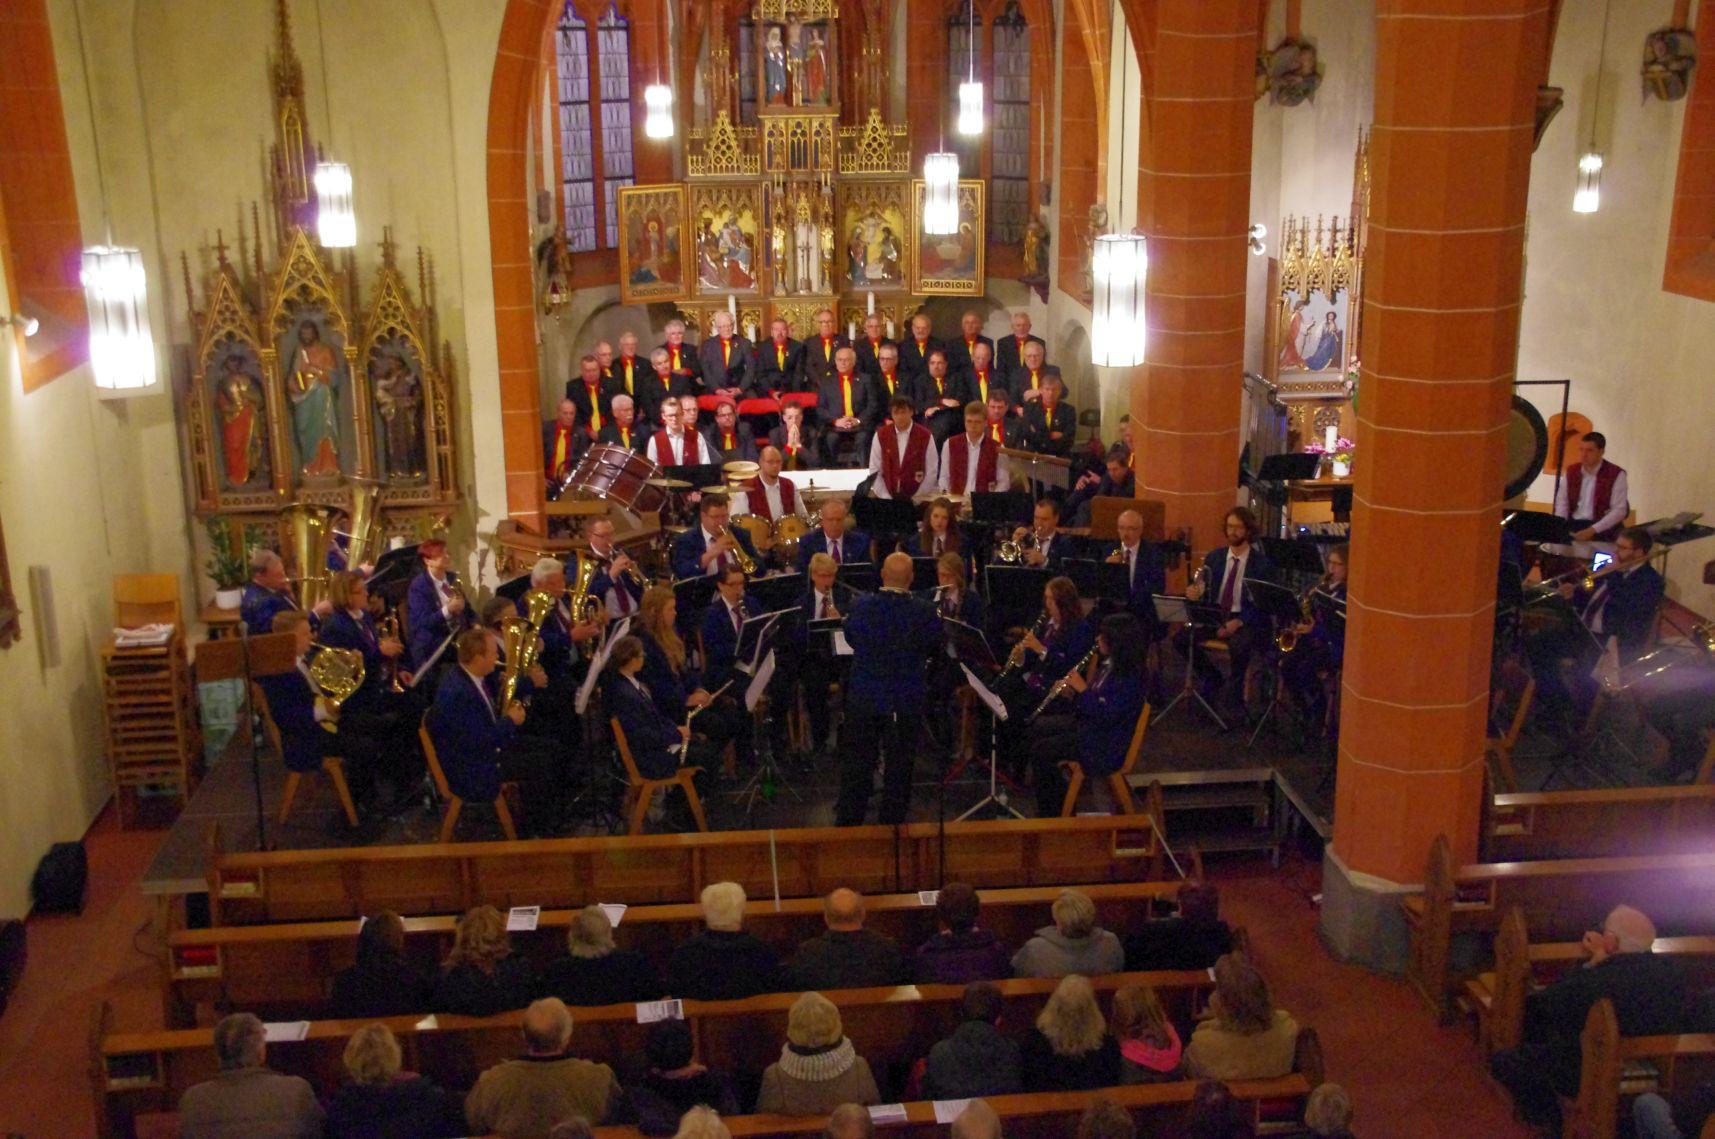 Kirchenkonzert-30_11_13-017